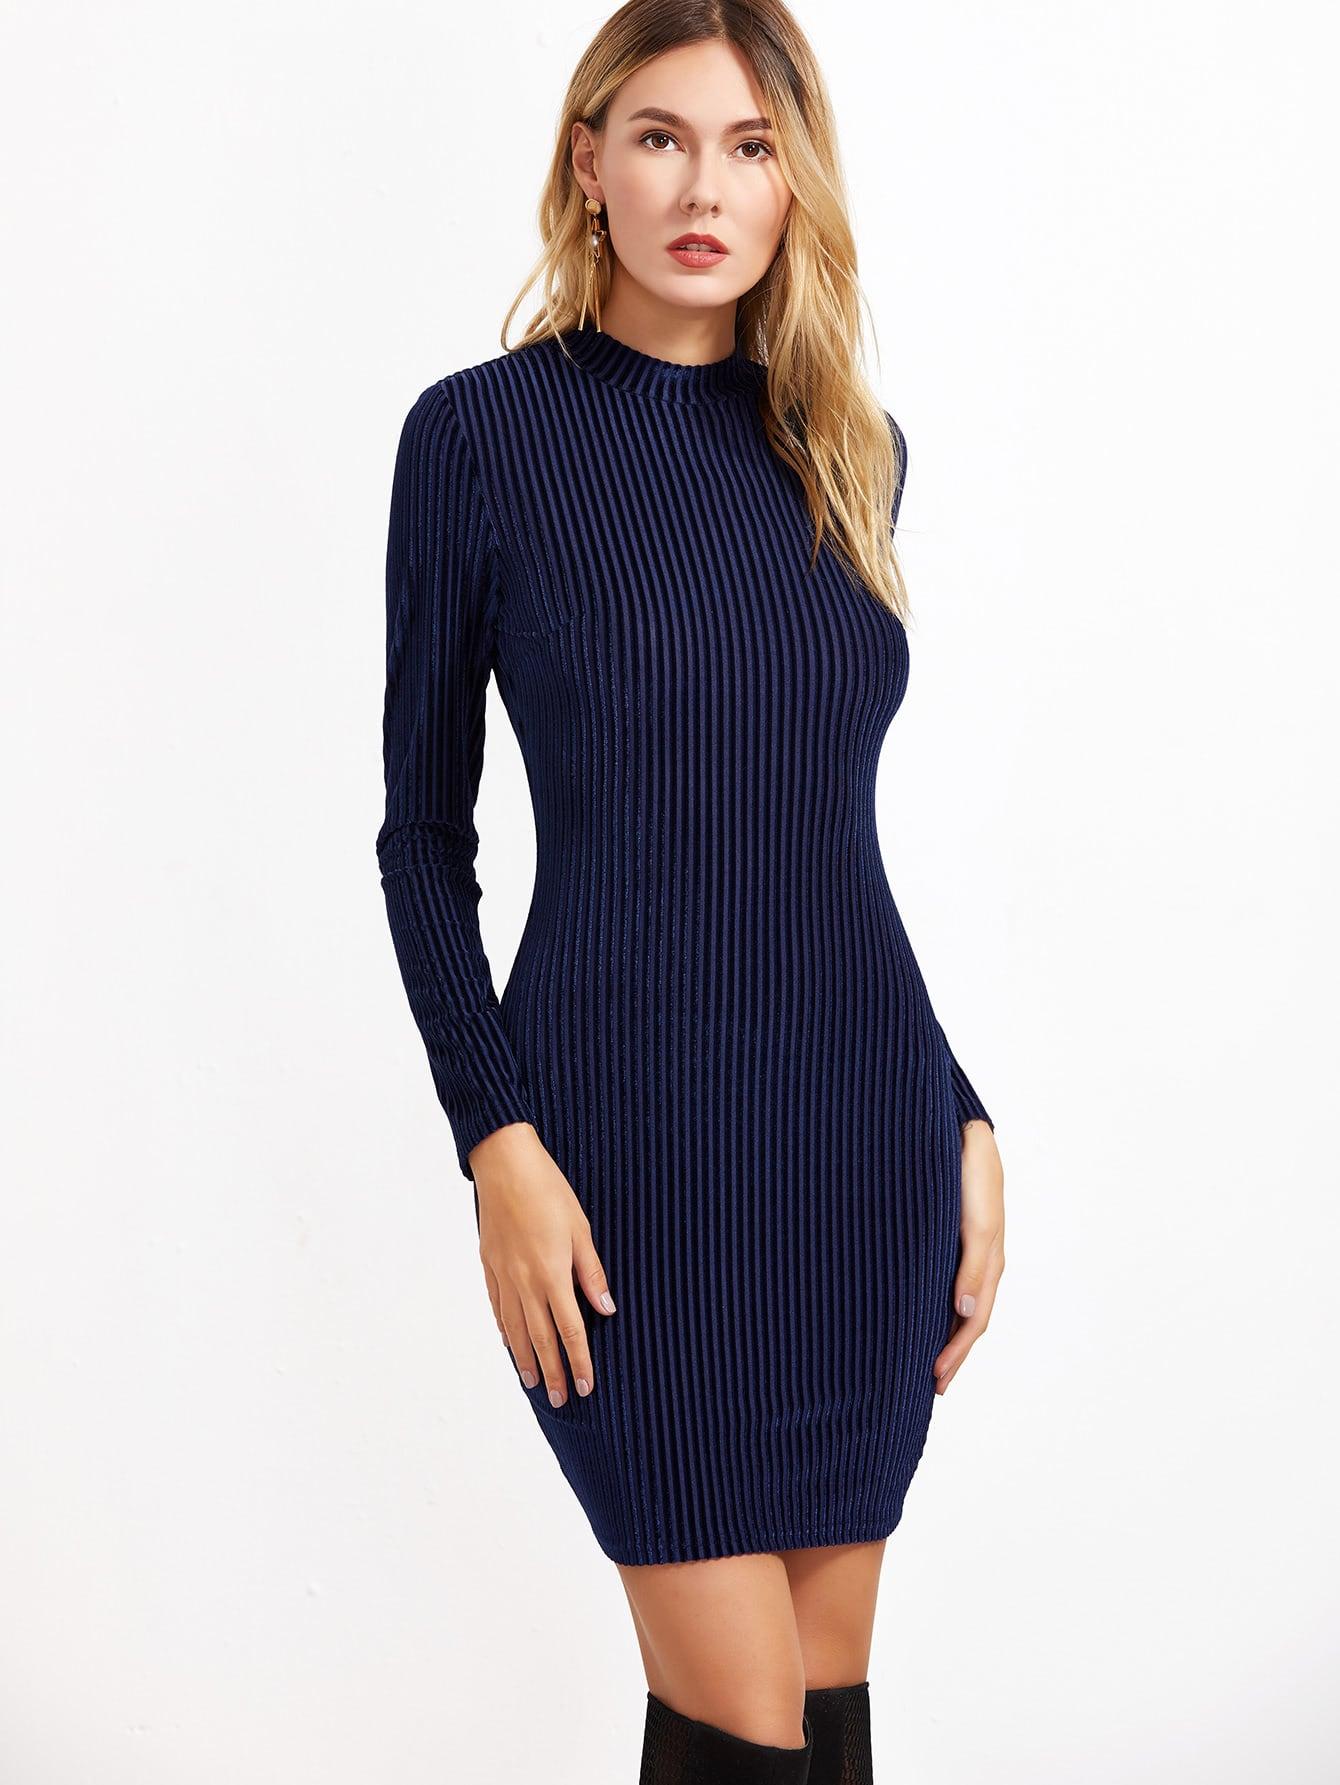 dress161117716_2